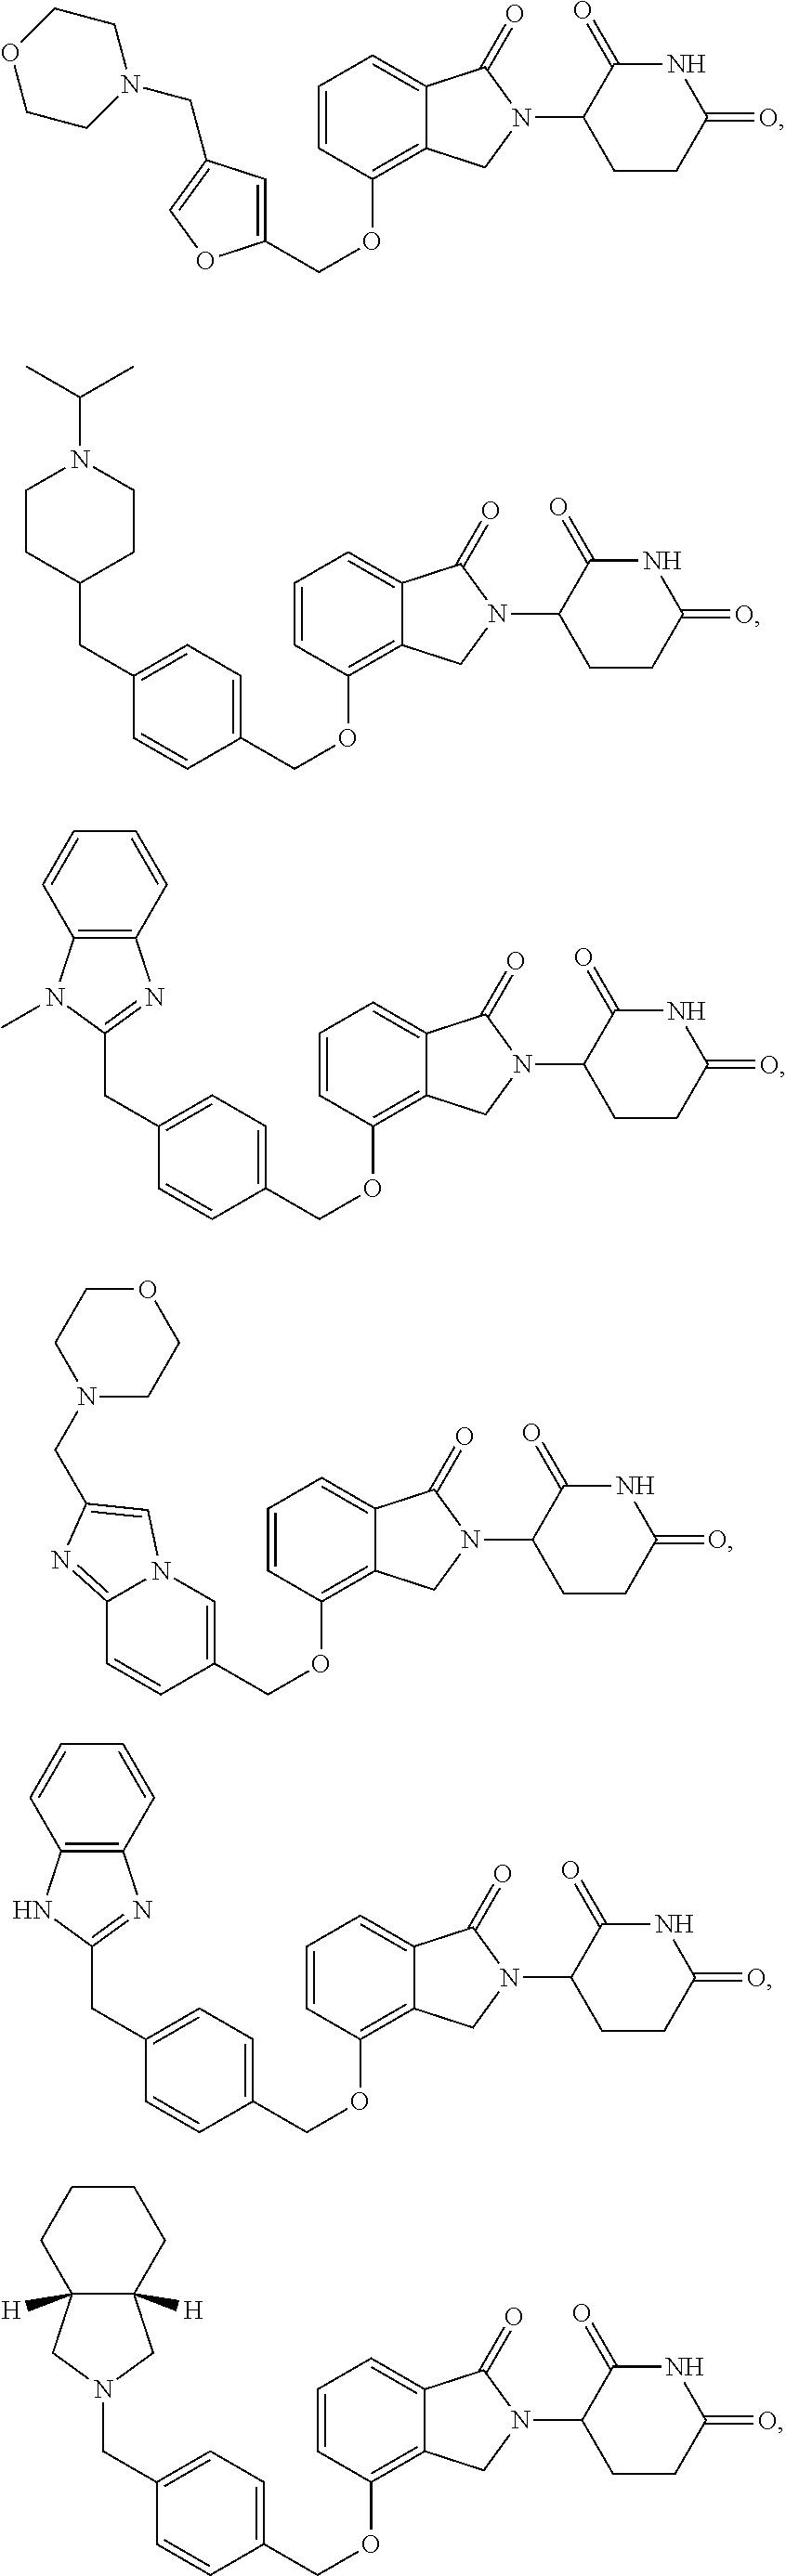 Figure US09587281-20170307-C00056